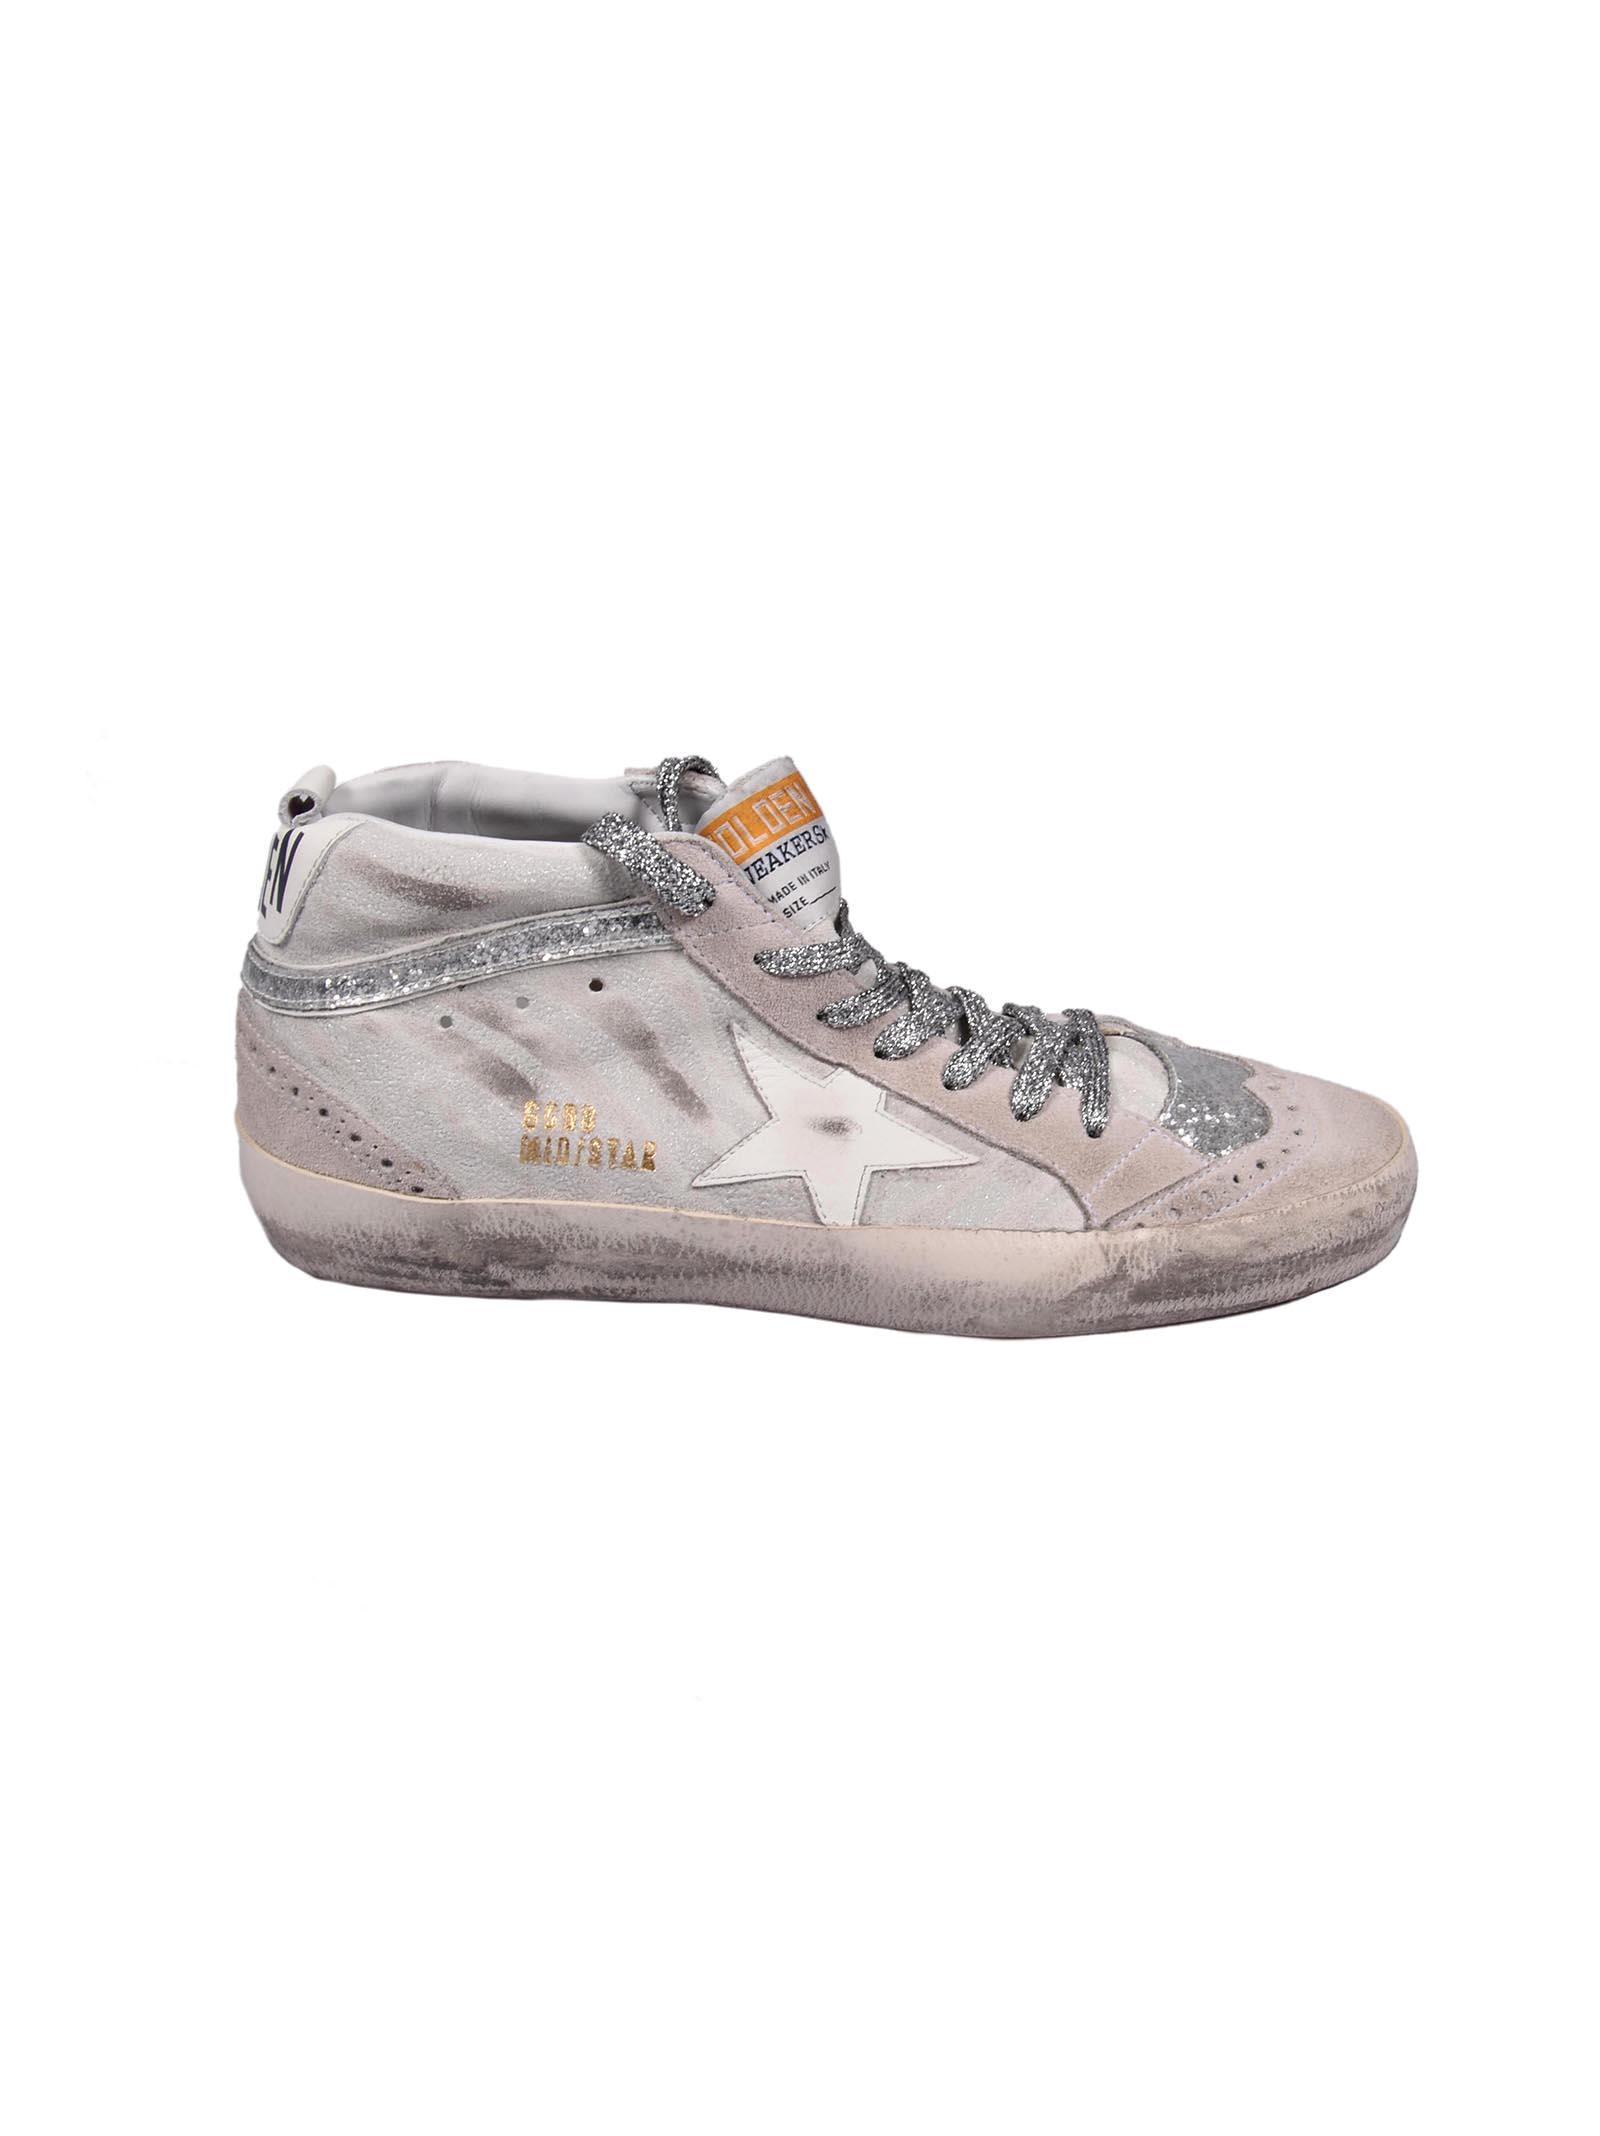 Golden Goose Mid Star Sneakers in & Discount Largest Supplier 2EFmvmxRB